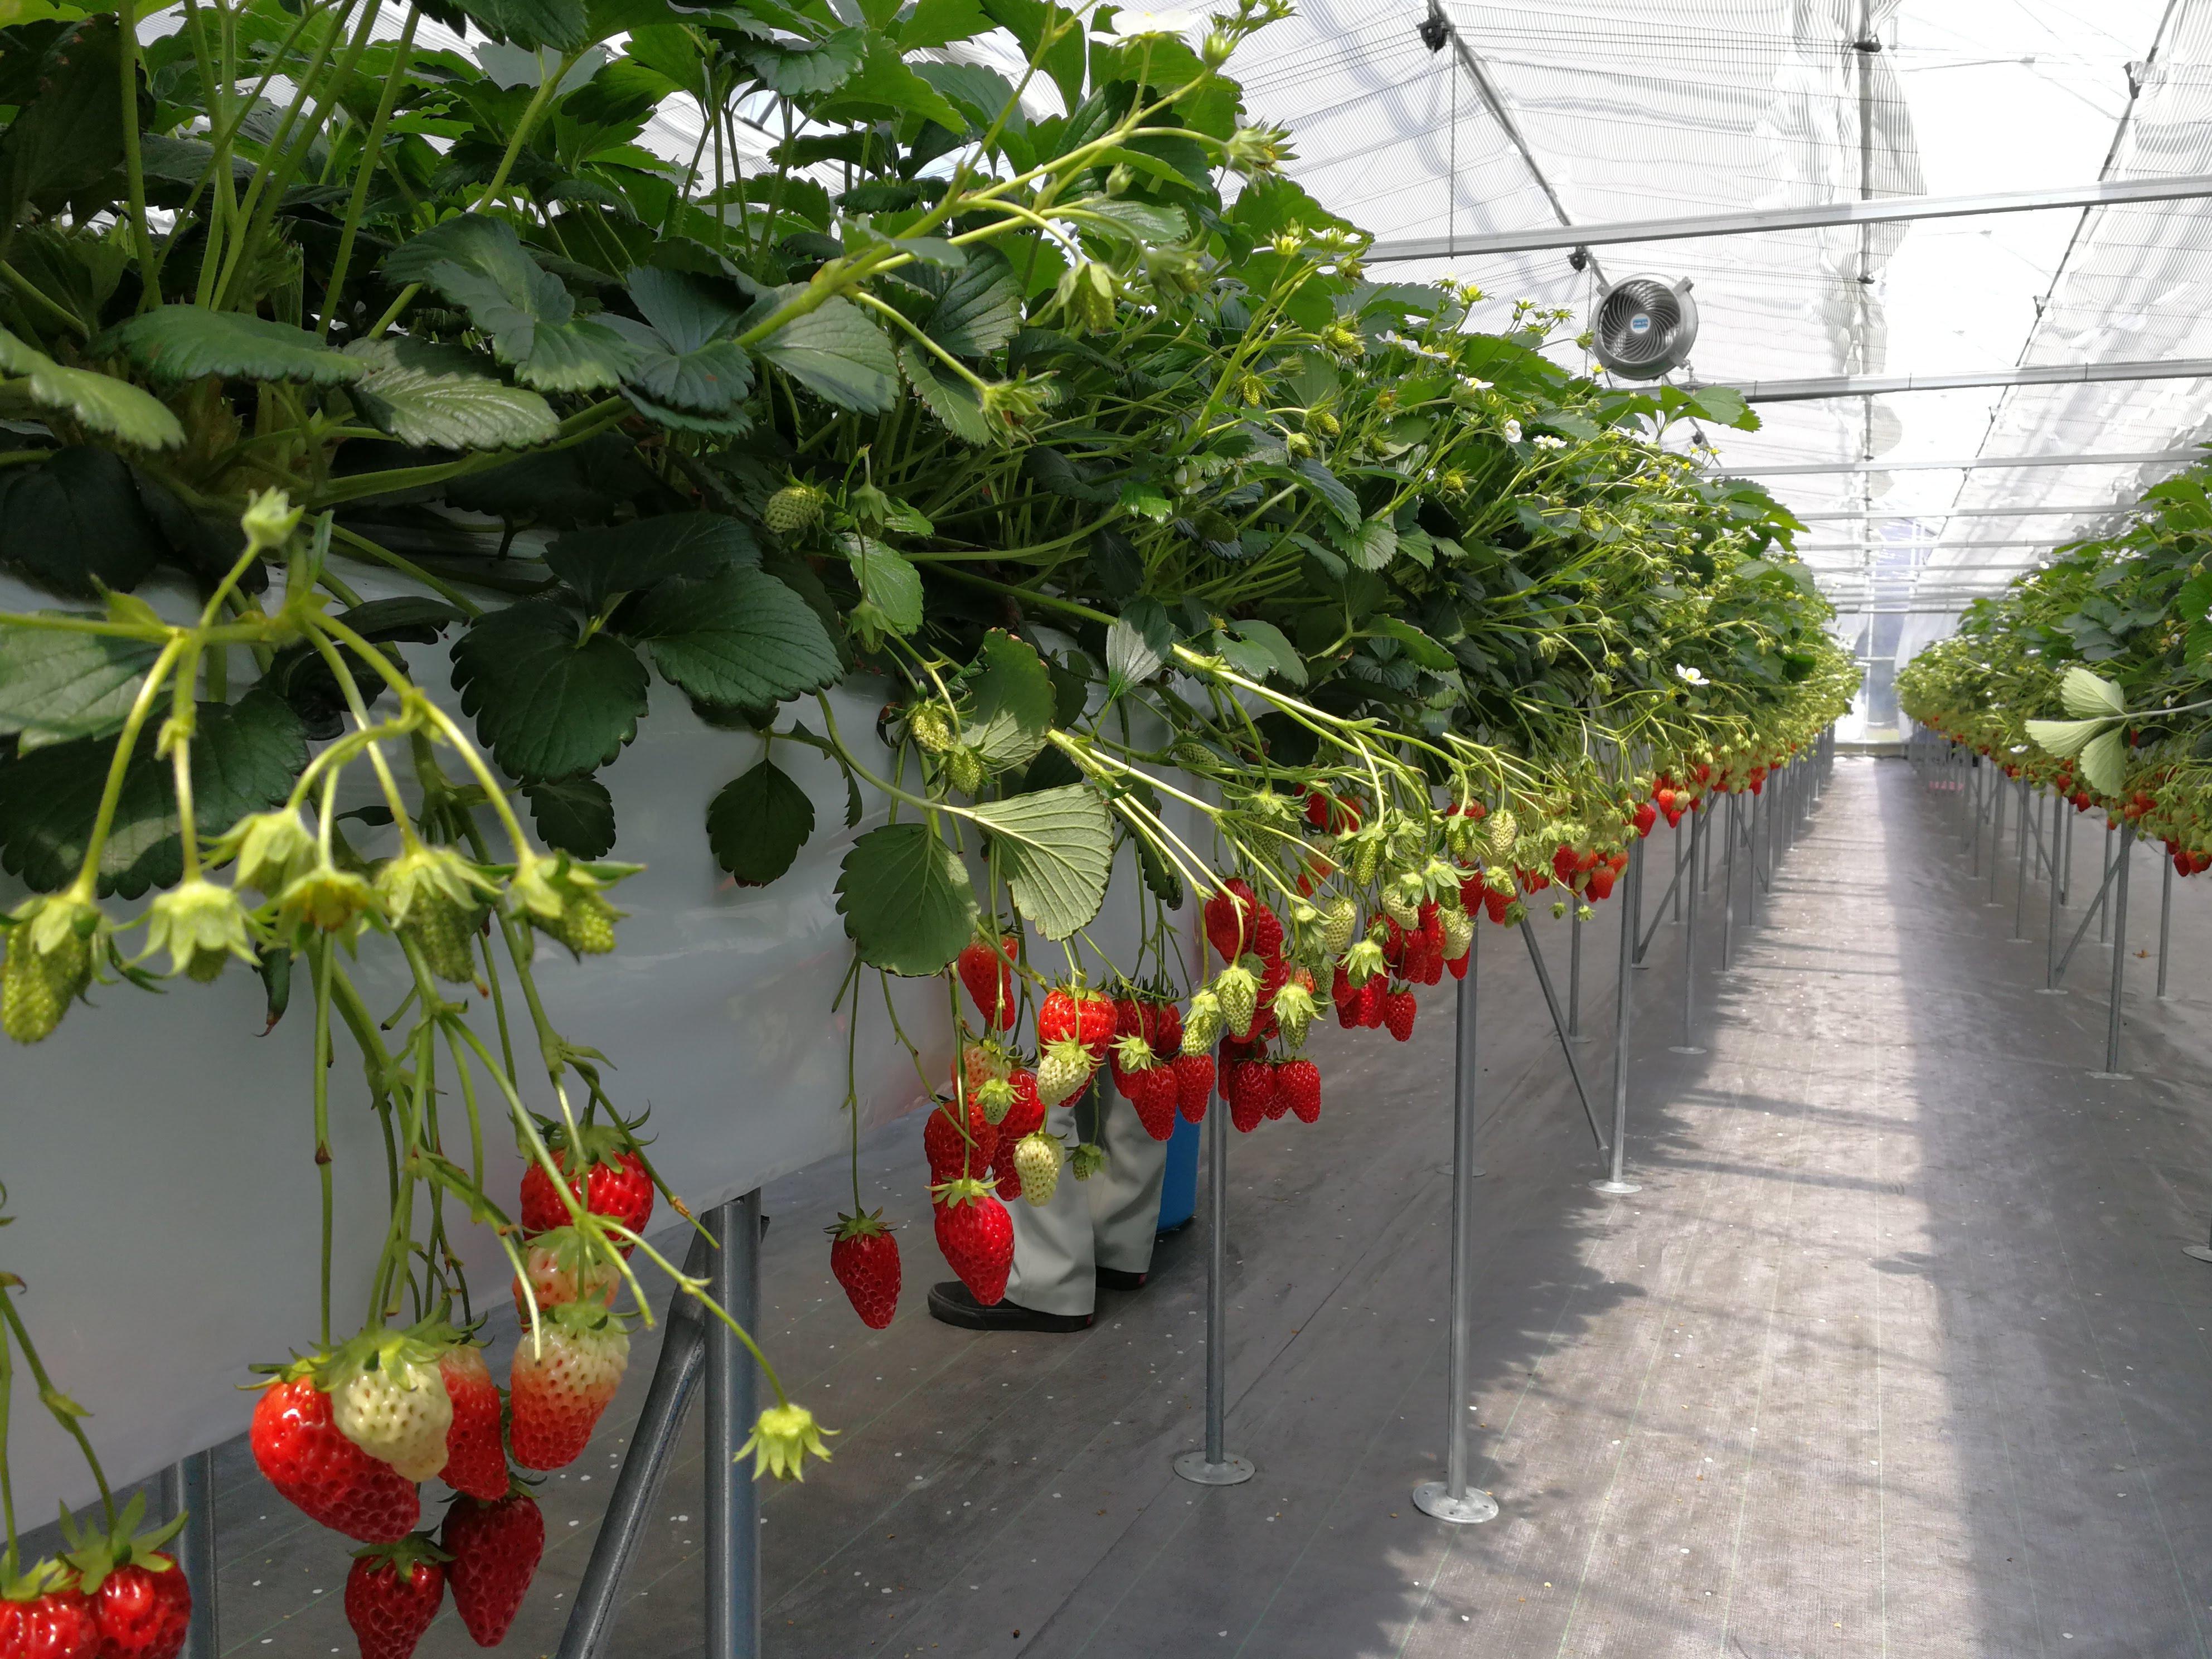 【産学連携研究の最前線】ICT・IoTを活用したおいしい「いちご」栽培に関する実証研究が産学連携で進行中。新たな農業従事者の担い手確保につながる次世代型の営農システムとして期待 。 -- 金沢工業大学